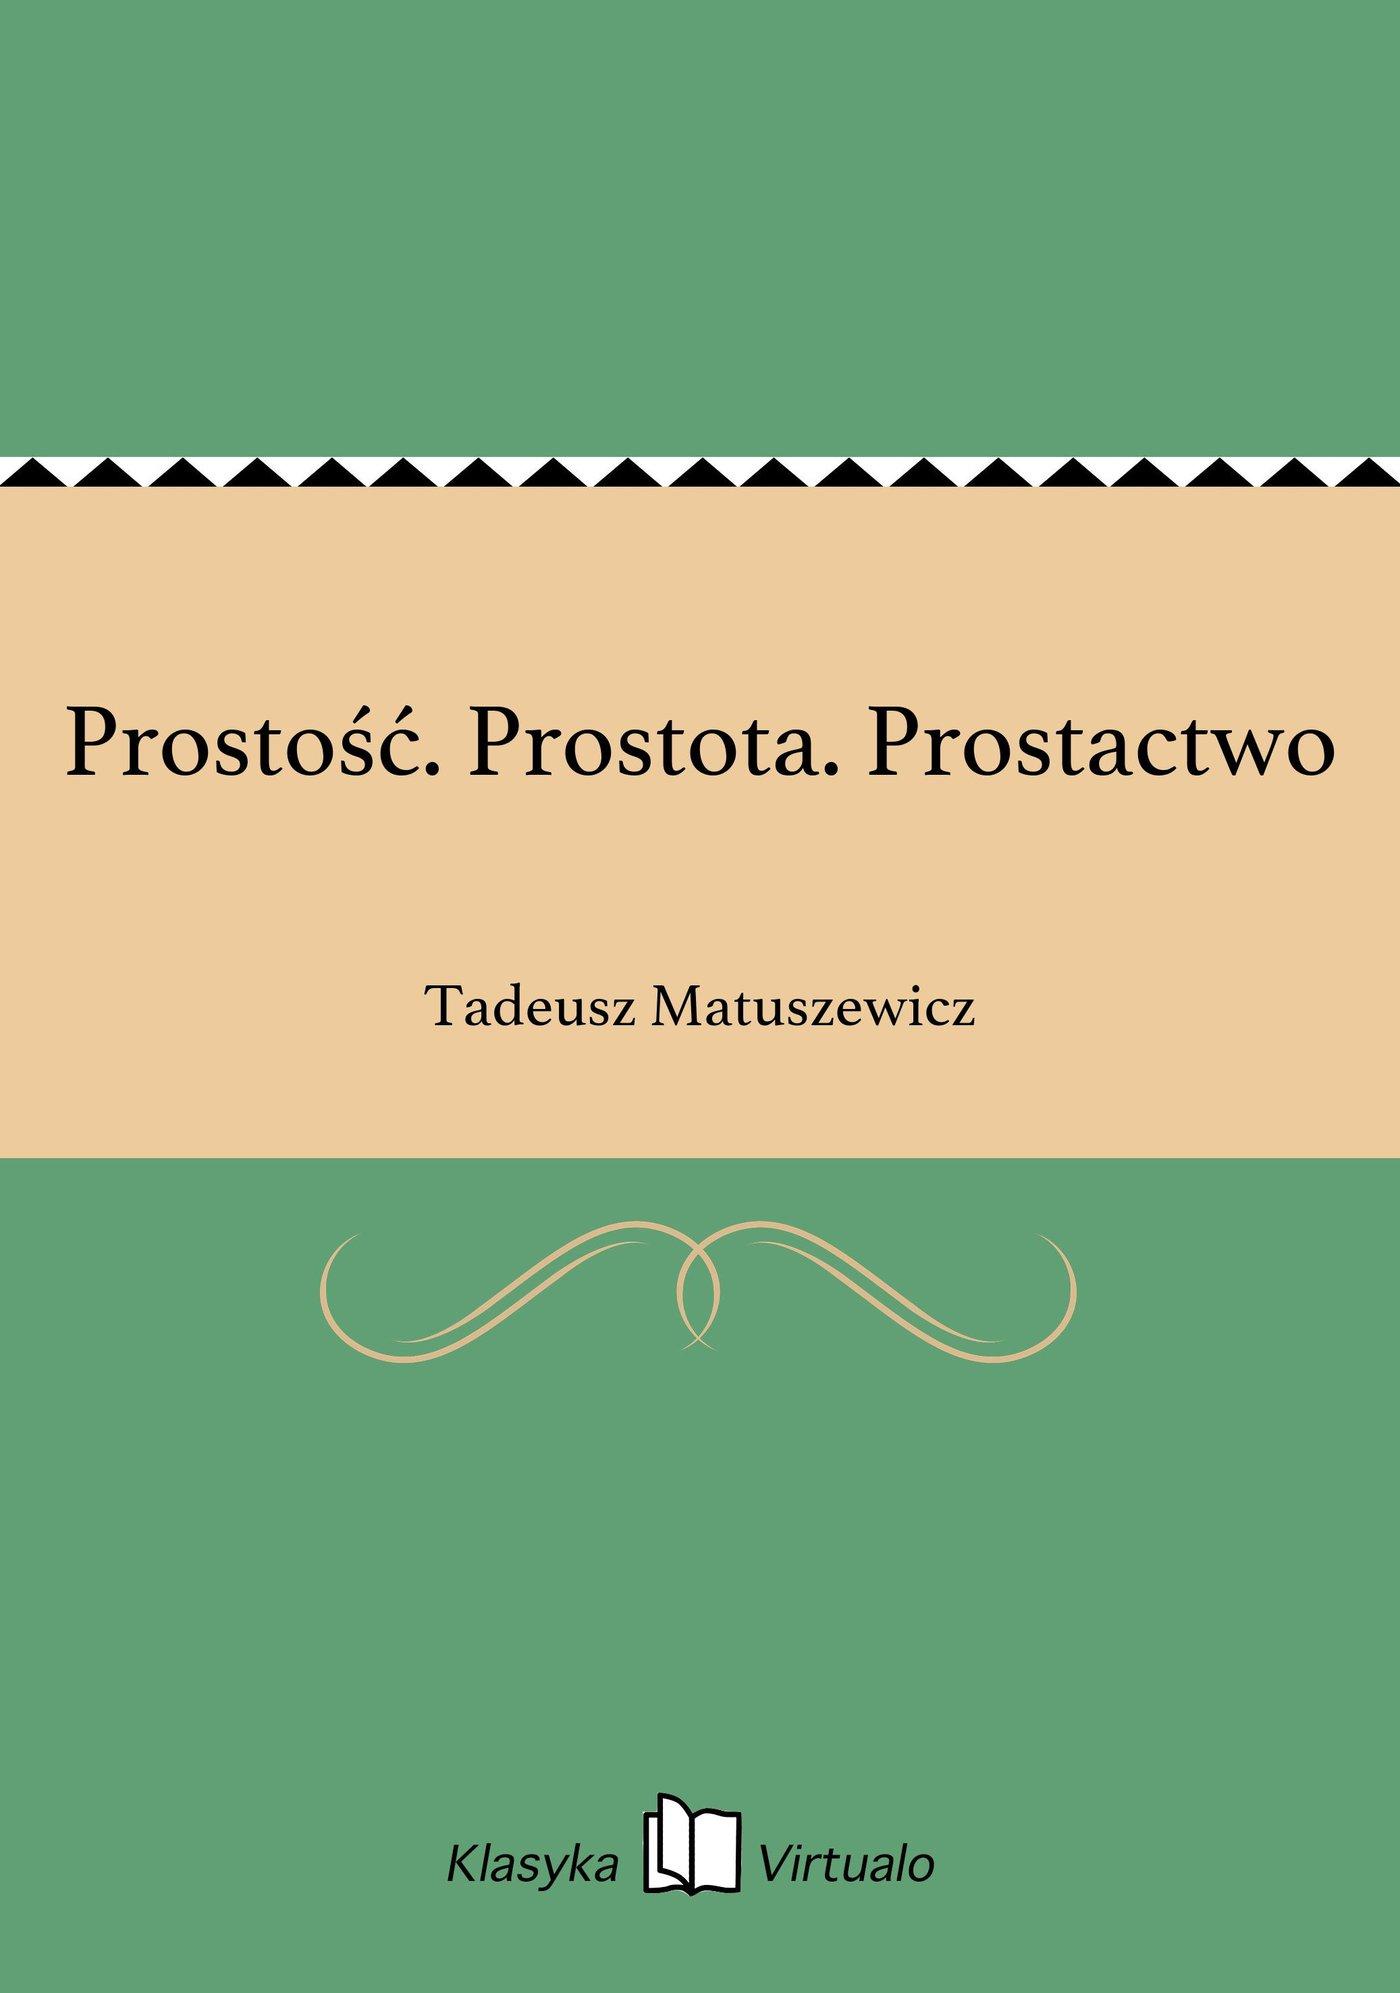 Prostość. Prostota. Prostactwo - Ebook (Książka EPUB) do pobrania w formacie EPUB